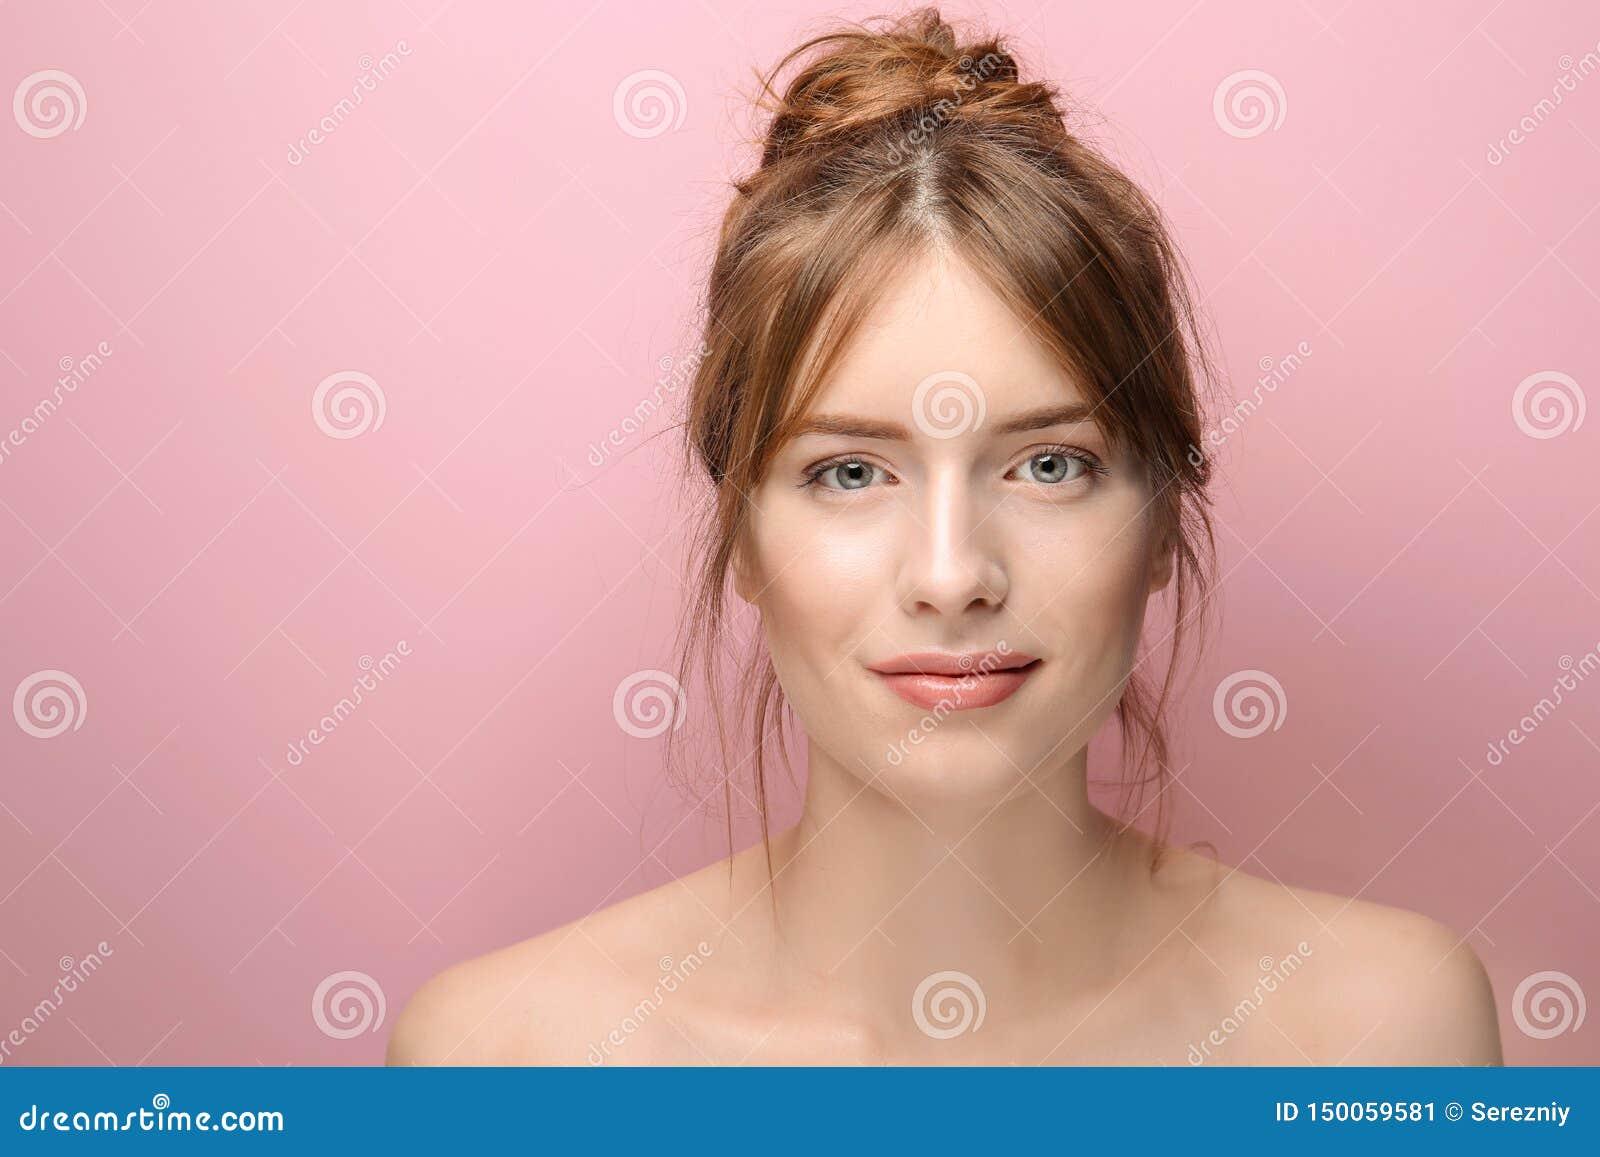 Mooie jonge vrouw met zijdeachtige huid op kleurenachtergrond